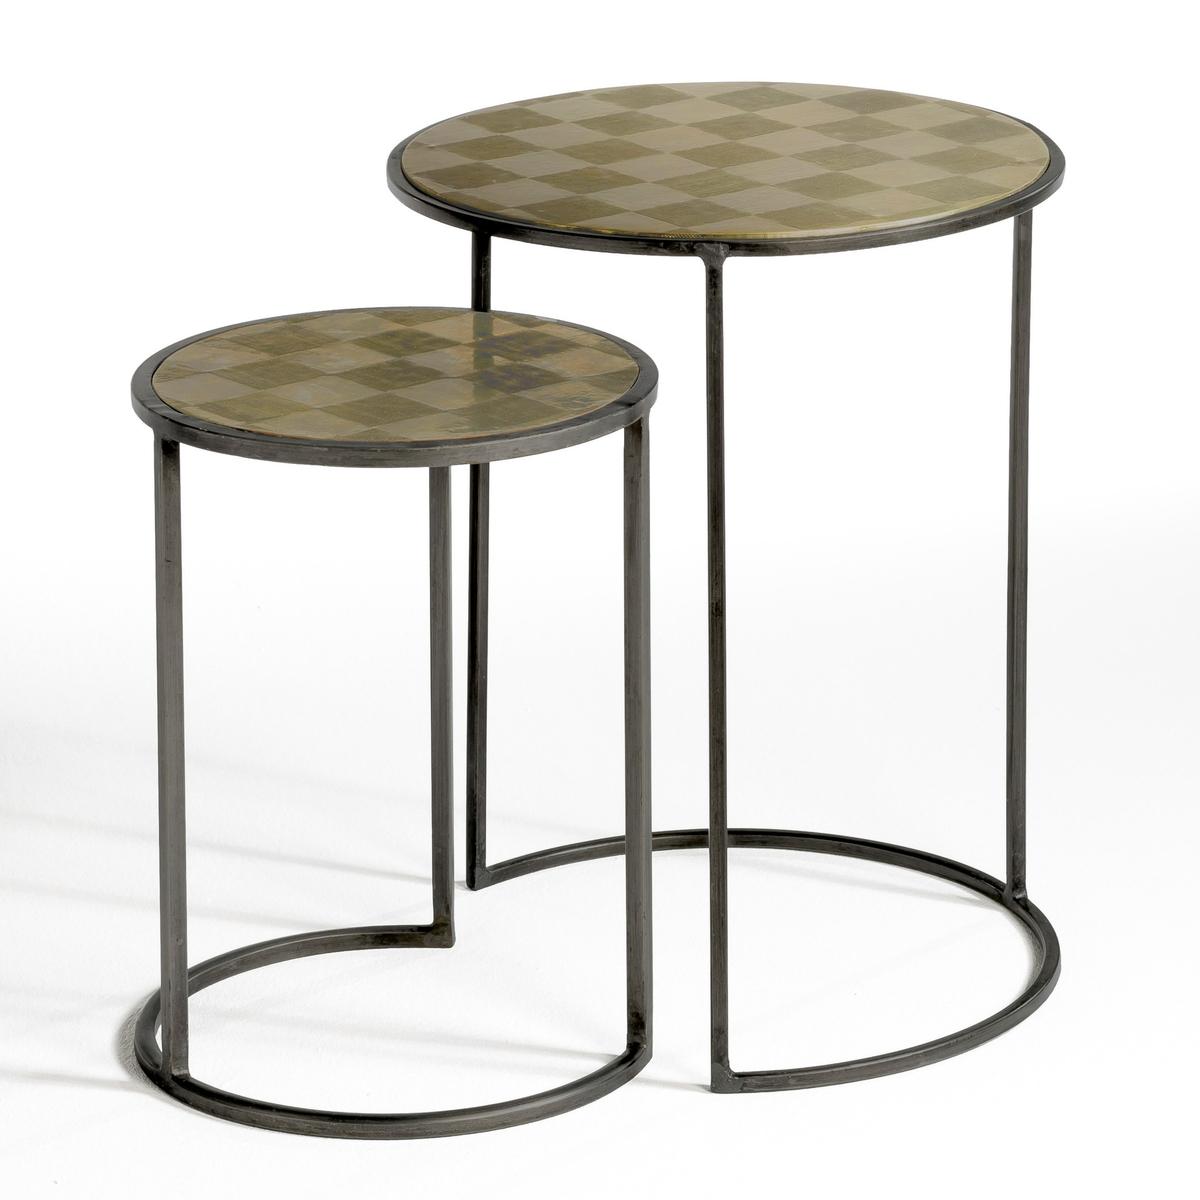 Столик, ?dric (2 шт)Описание : Из искусственно состаренной латуни, с шахматным узором .Размеры : - 30 x 40 x 30 см - 40 x 50 x 40 см<br><br>Цвет: серебристый